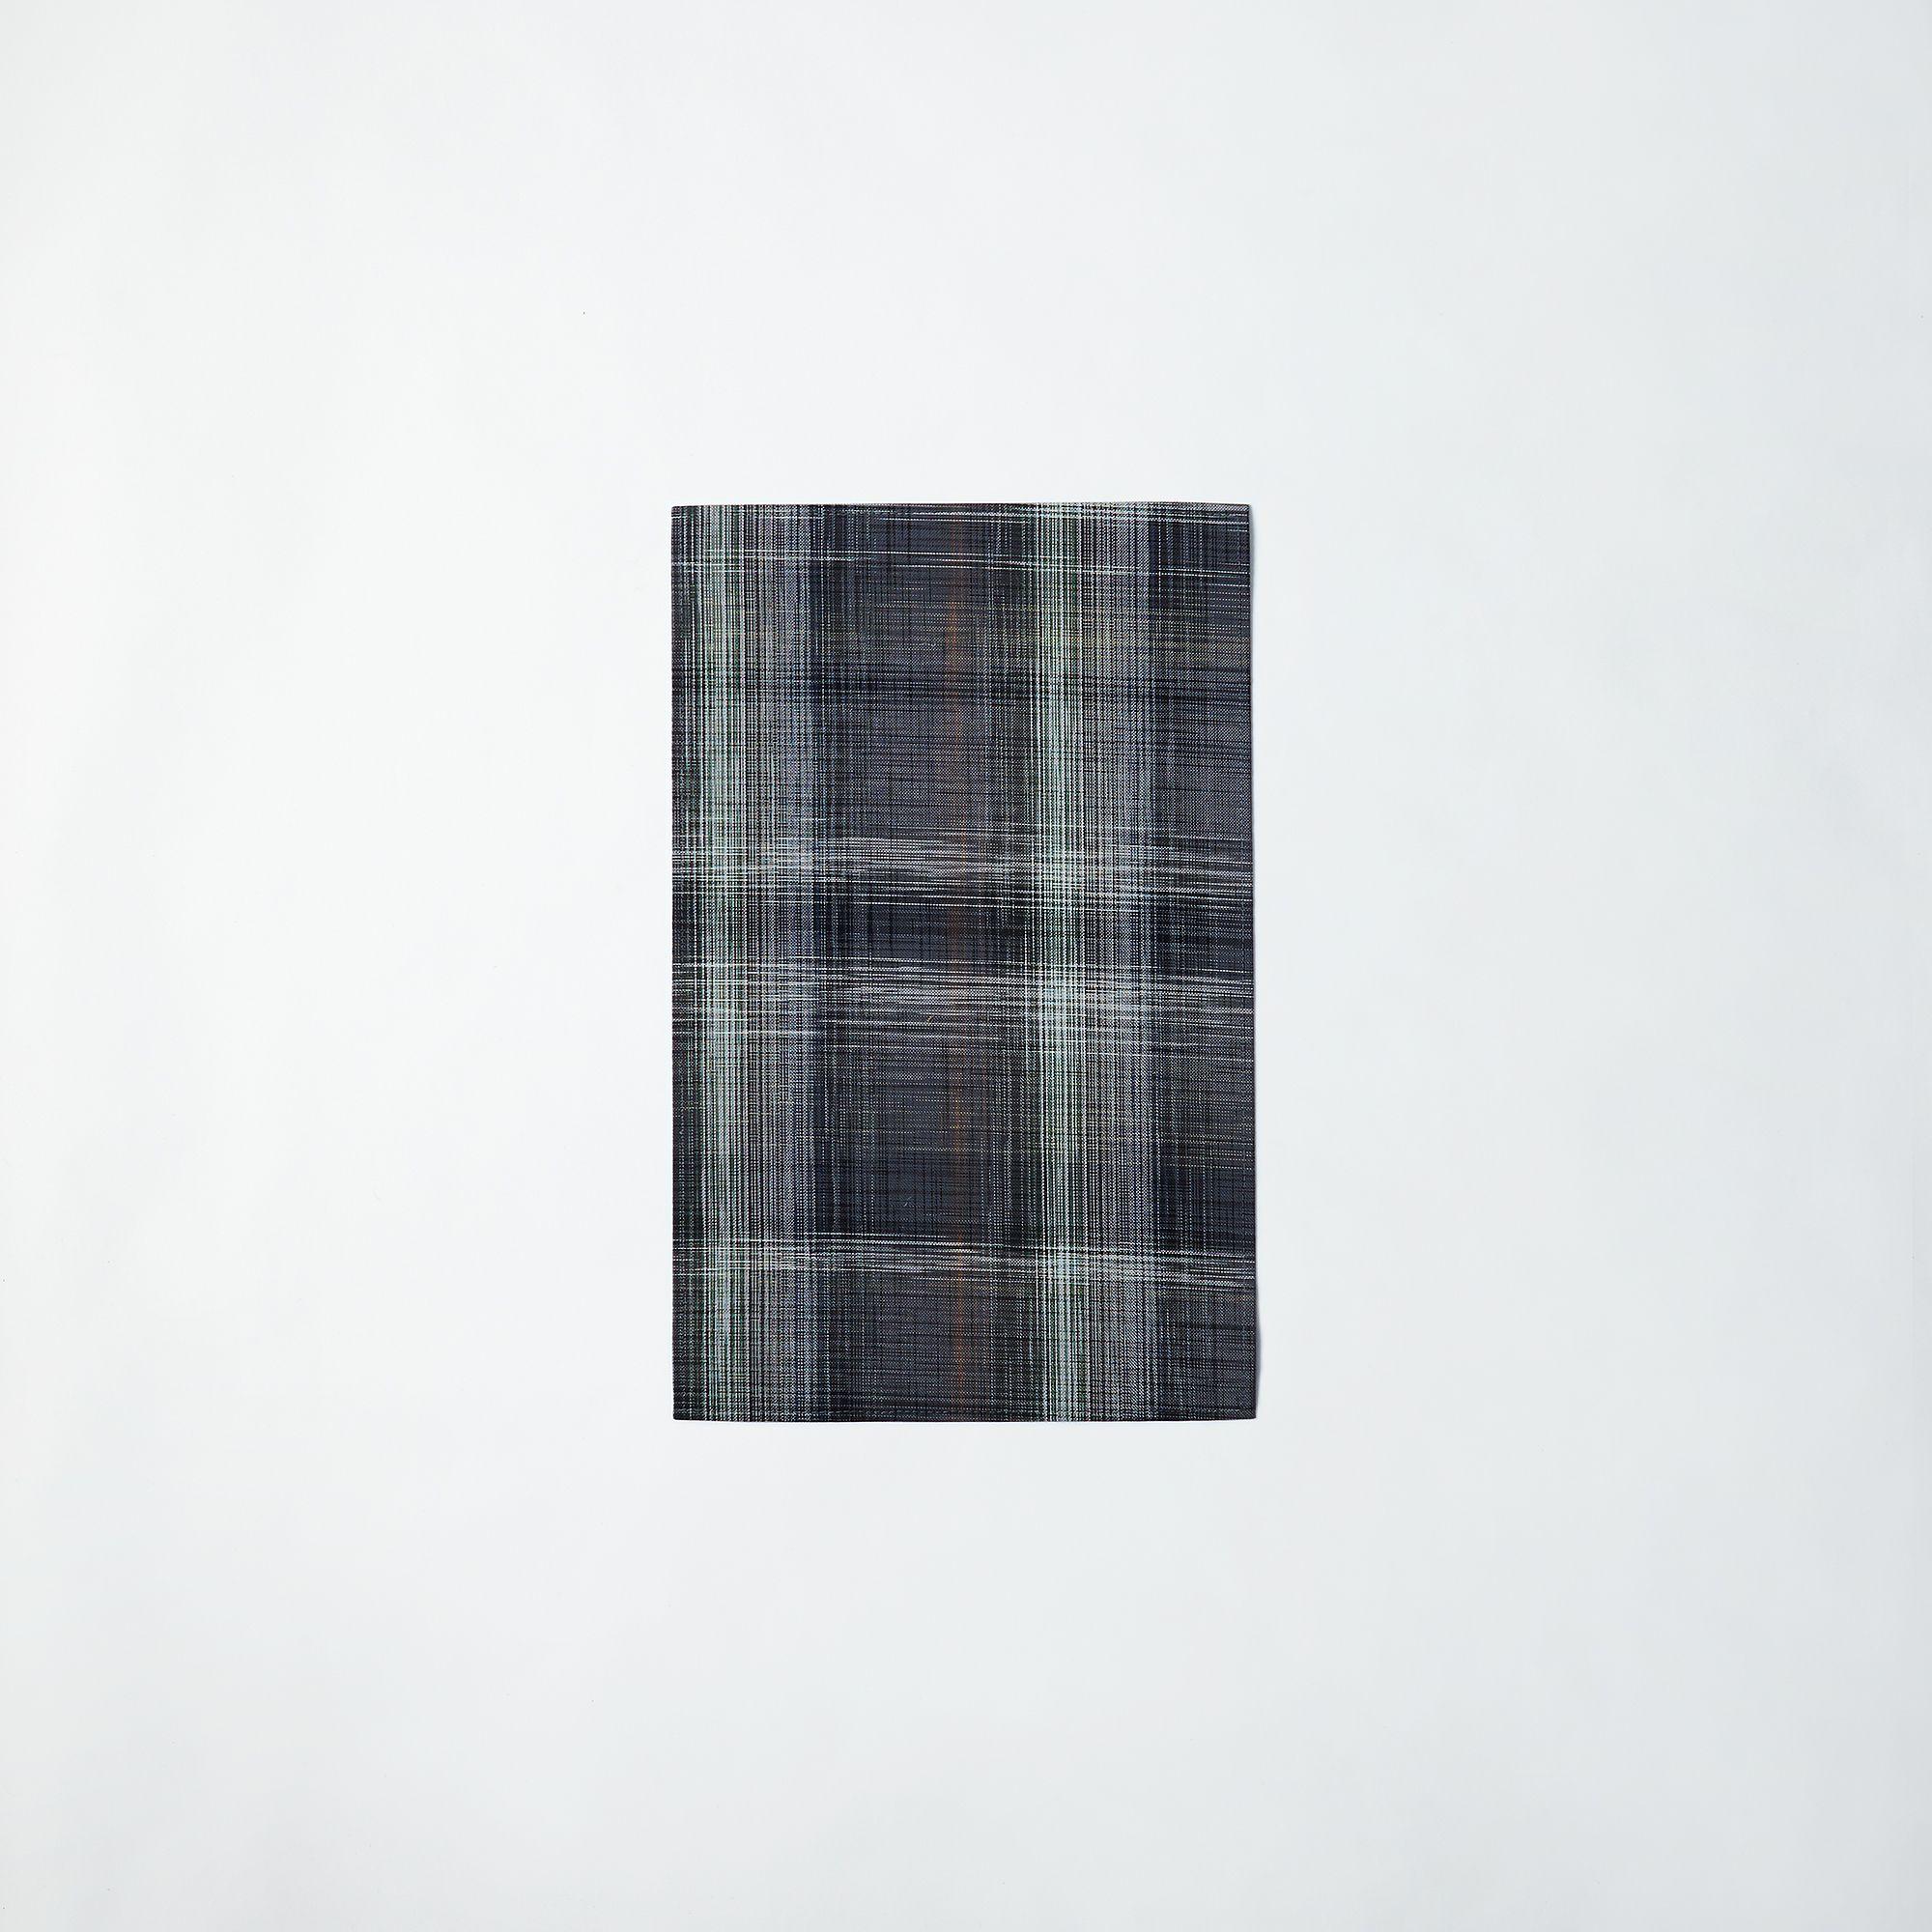 D1d13599 844f 4266 a284 8e79888ac3e7  2016 1216 chilewich plaid rugs size 3 silo rocky luten 109